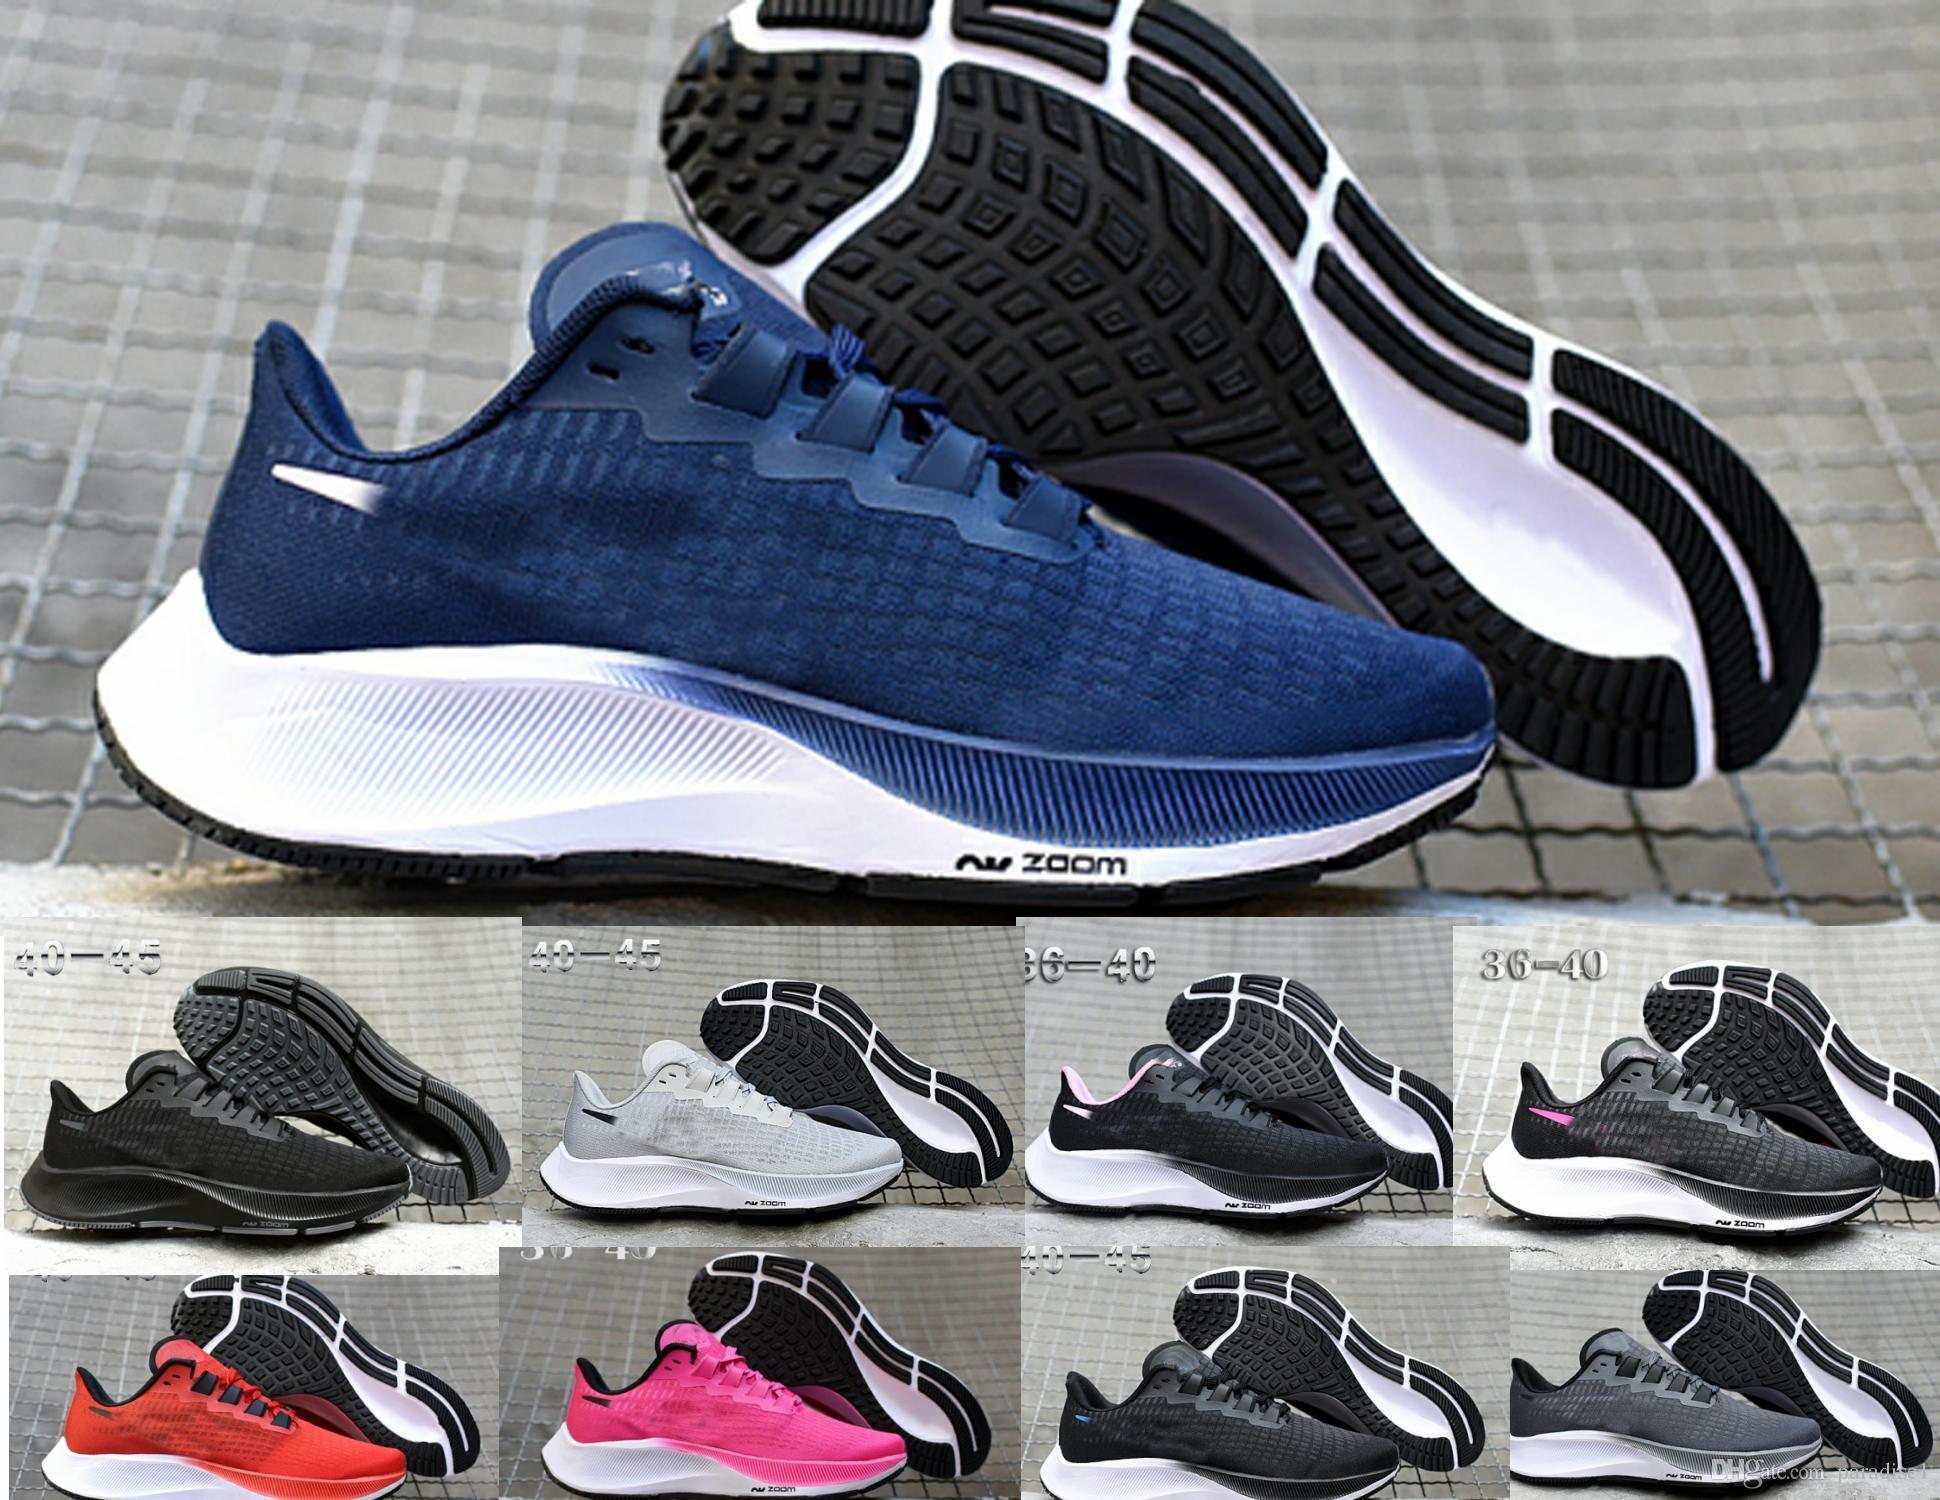 Pegasus 37 gravidade homem sapatos 37 tênis de esporte ao ar livre sapato de passeio sapatos de desconto preço baixo para as mulheres homens com caixa